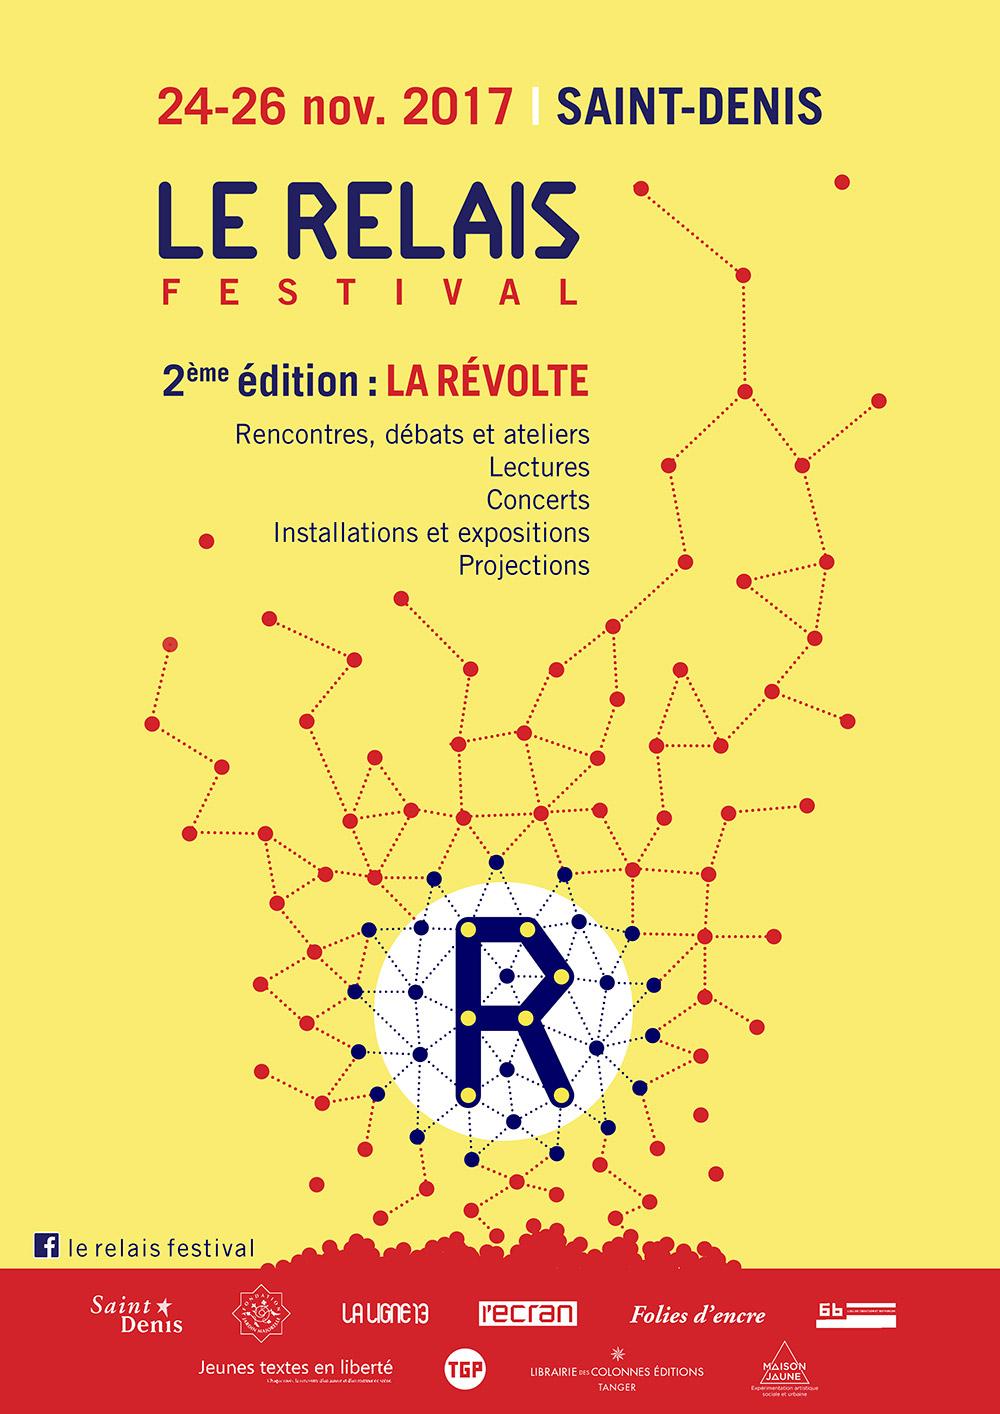 Le Relais Festival 2ème édition La Révolte @ Saint-Denis | Île-de-France | France